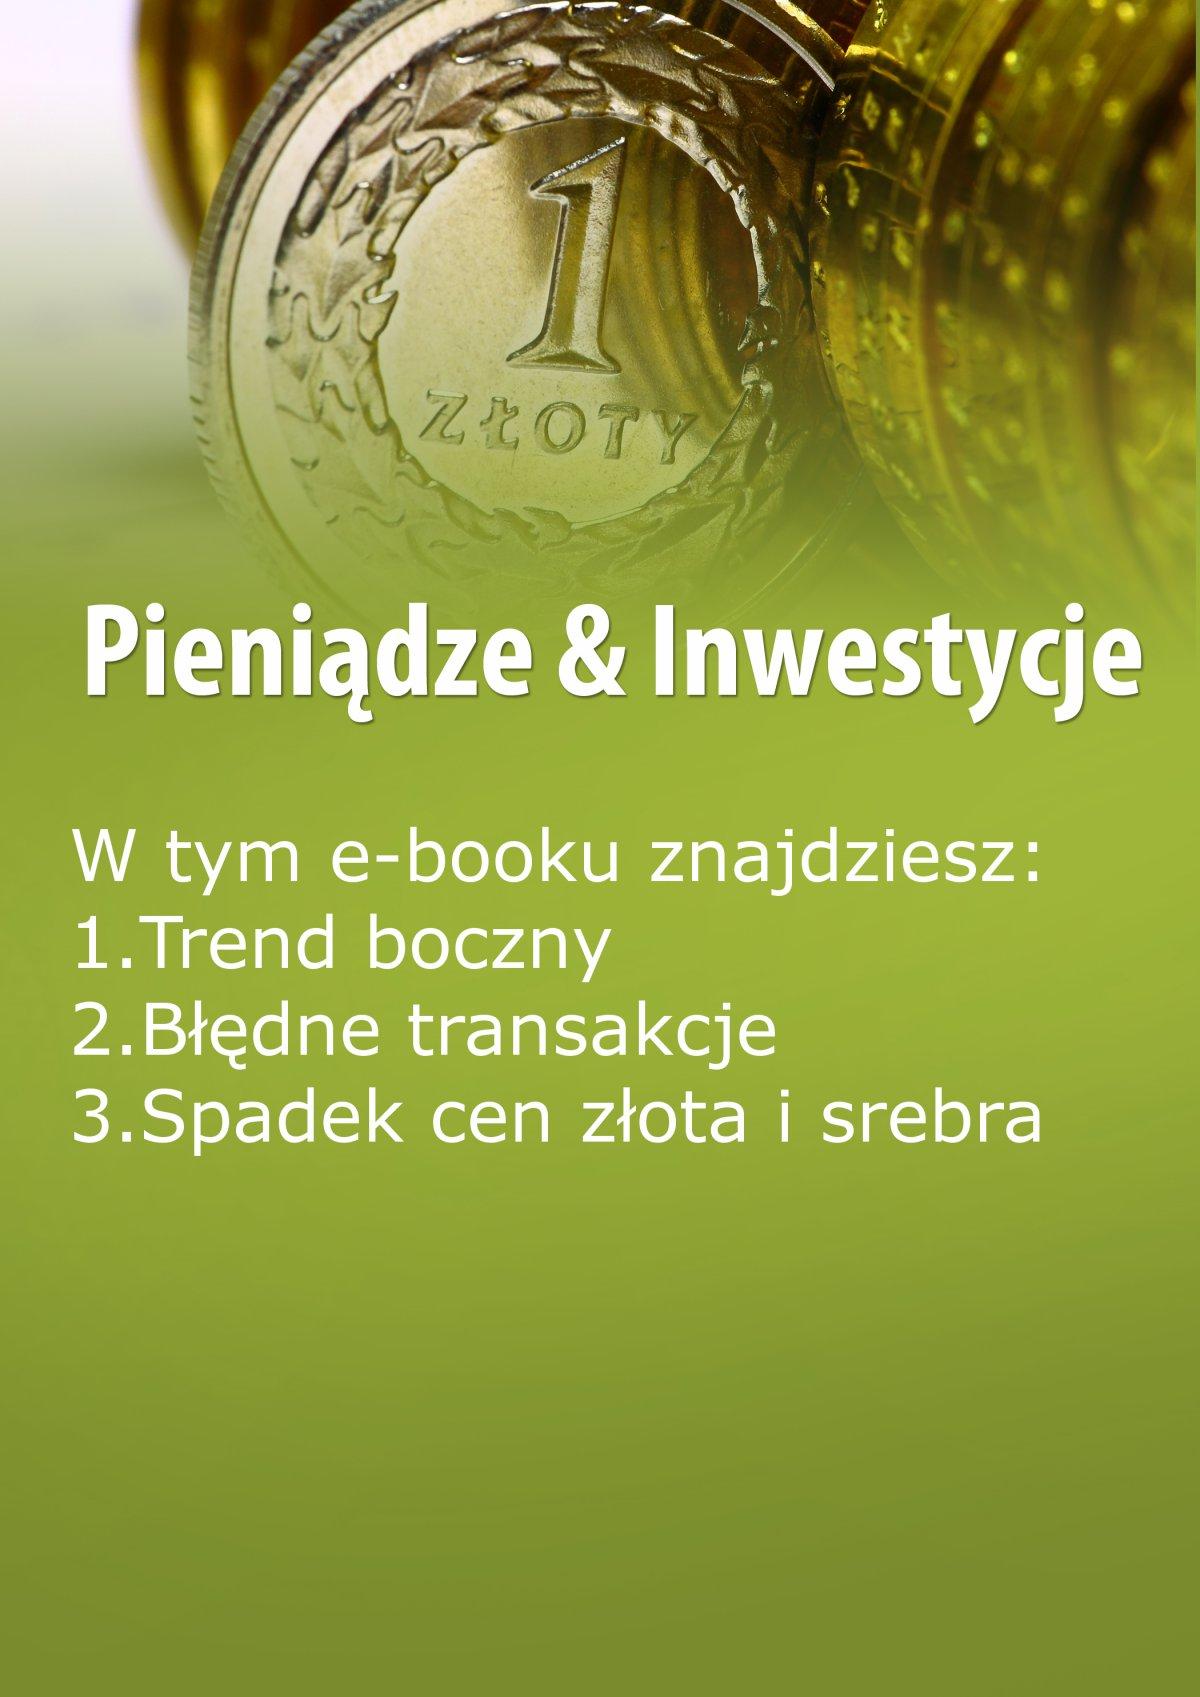 Pieniądze & Inwestycje, wydanie wrzesień 2015 r. Część II - Ebook (Książka na Kindle) do pobrania w formacie MOBI